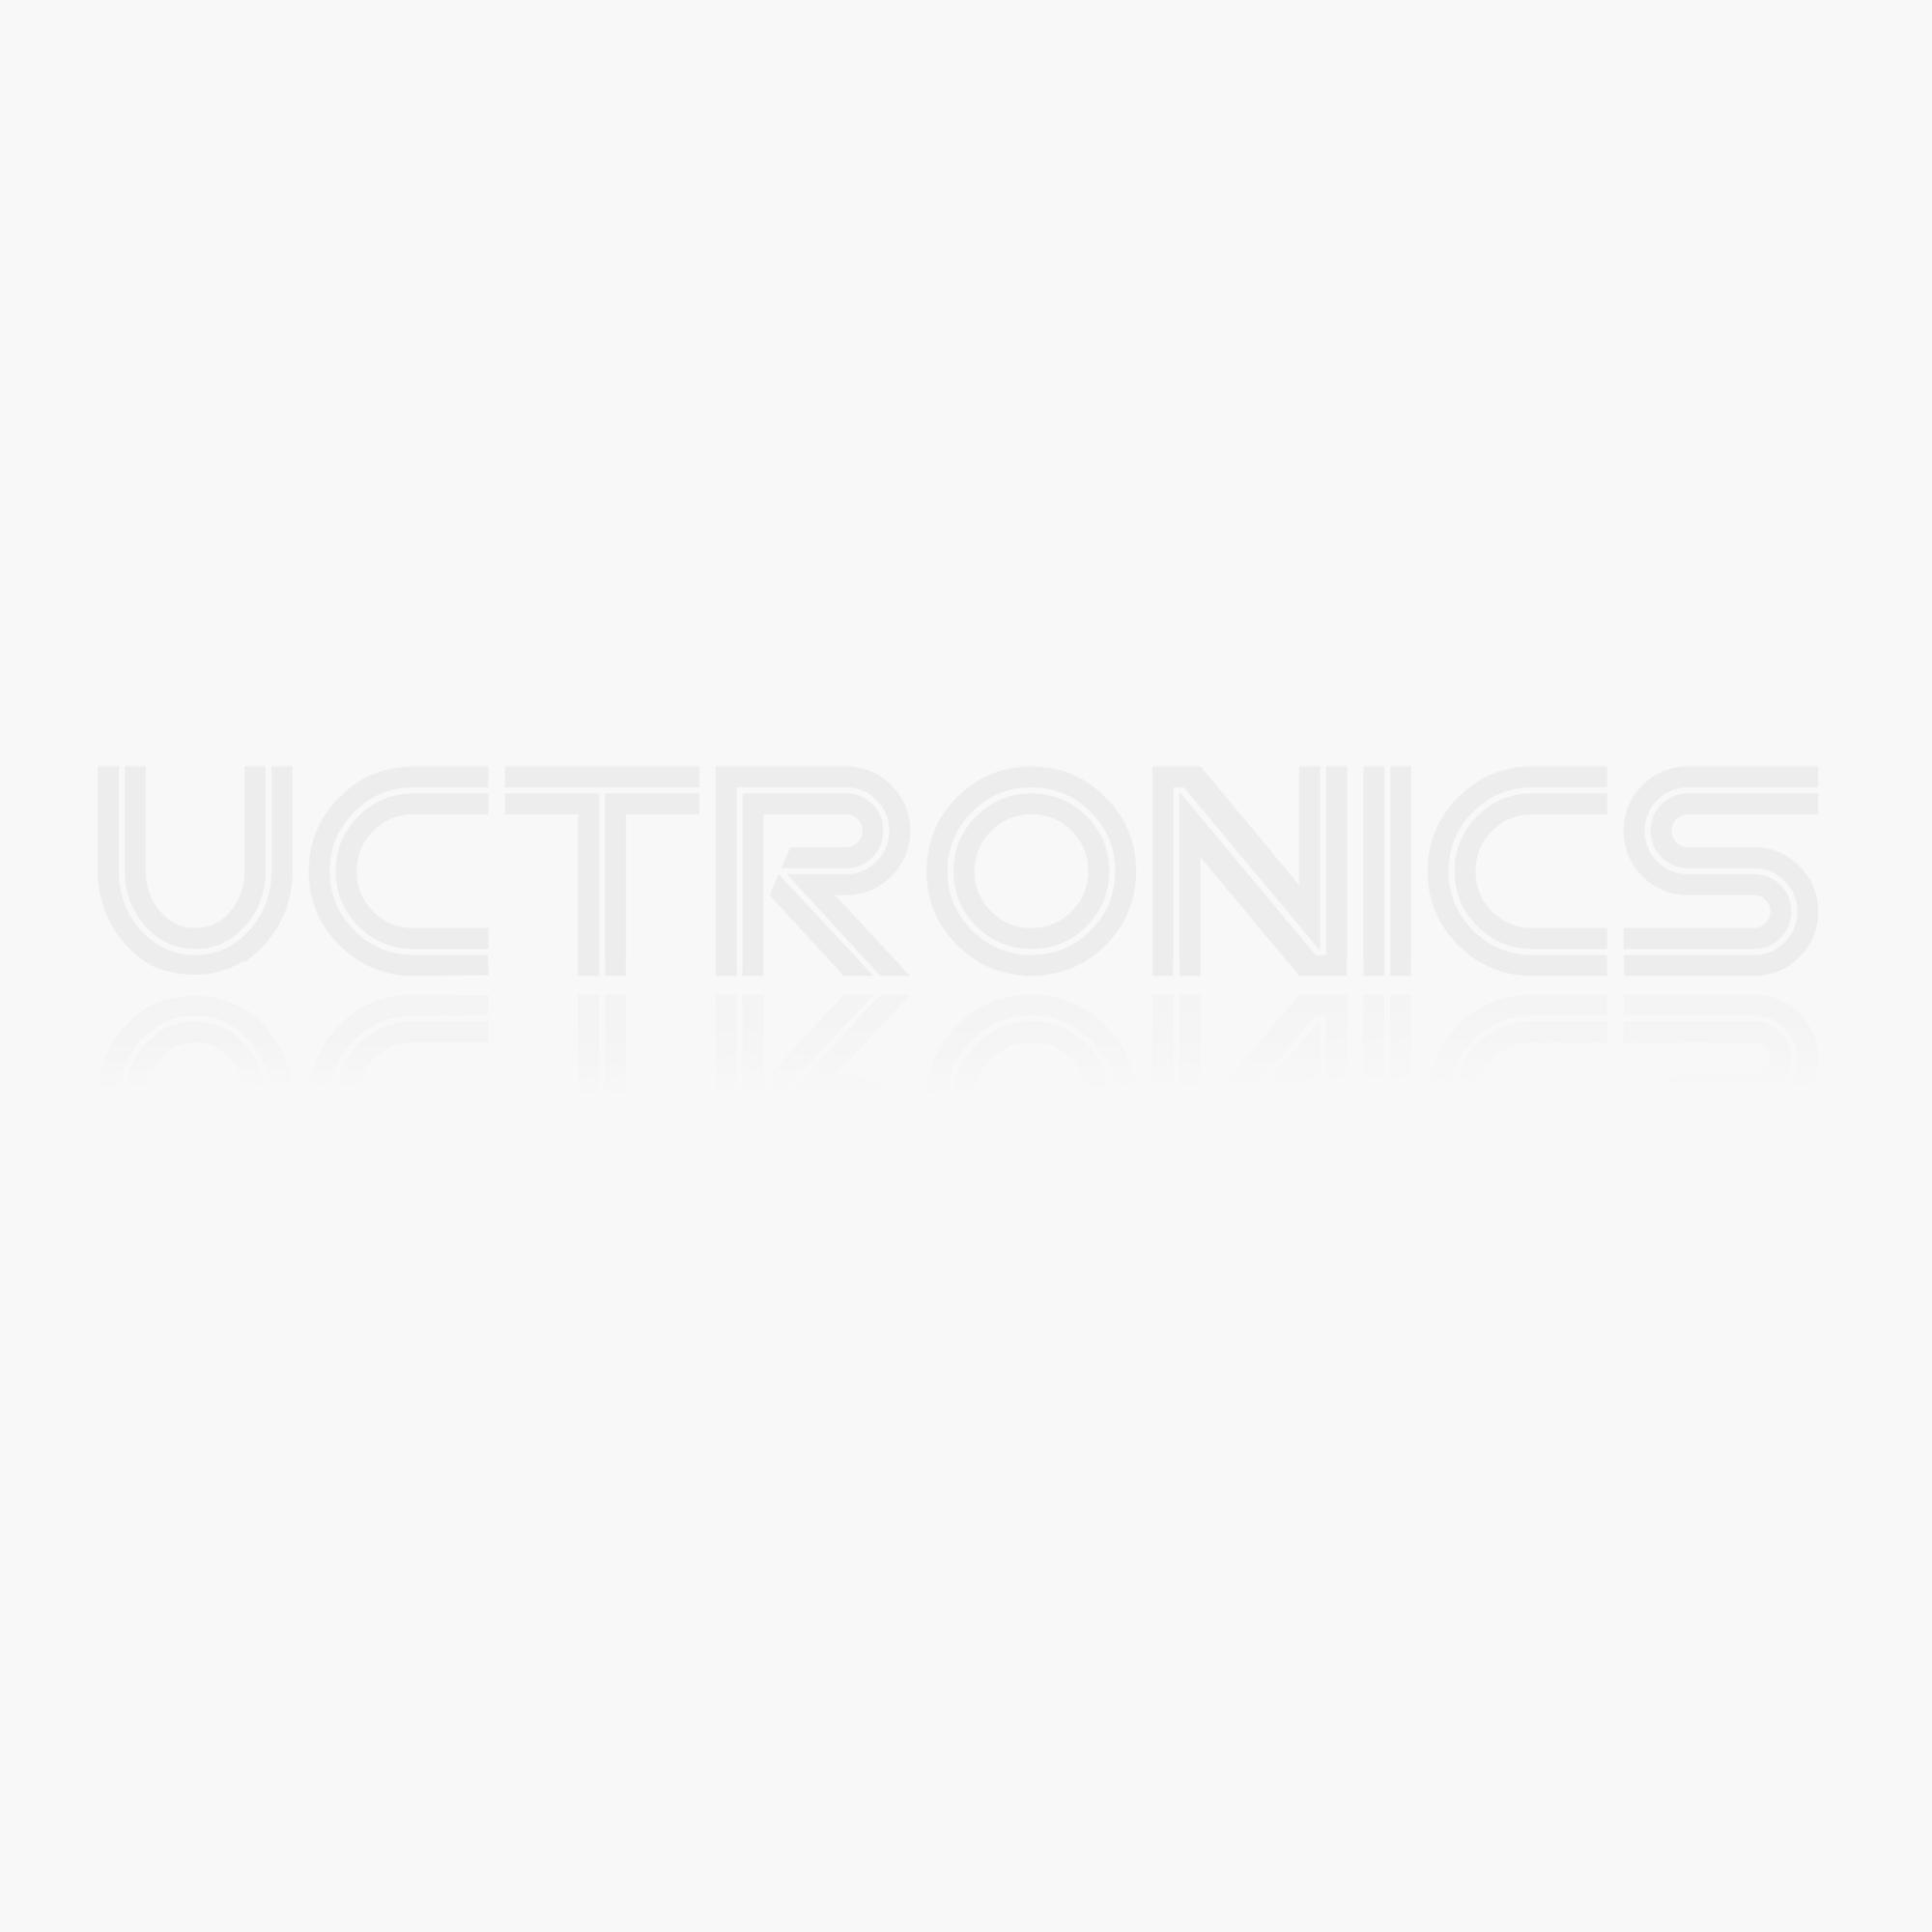 DC 4.5-30V Digital Voltage Meter - Green